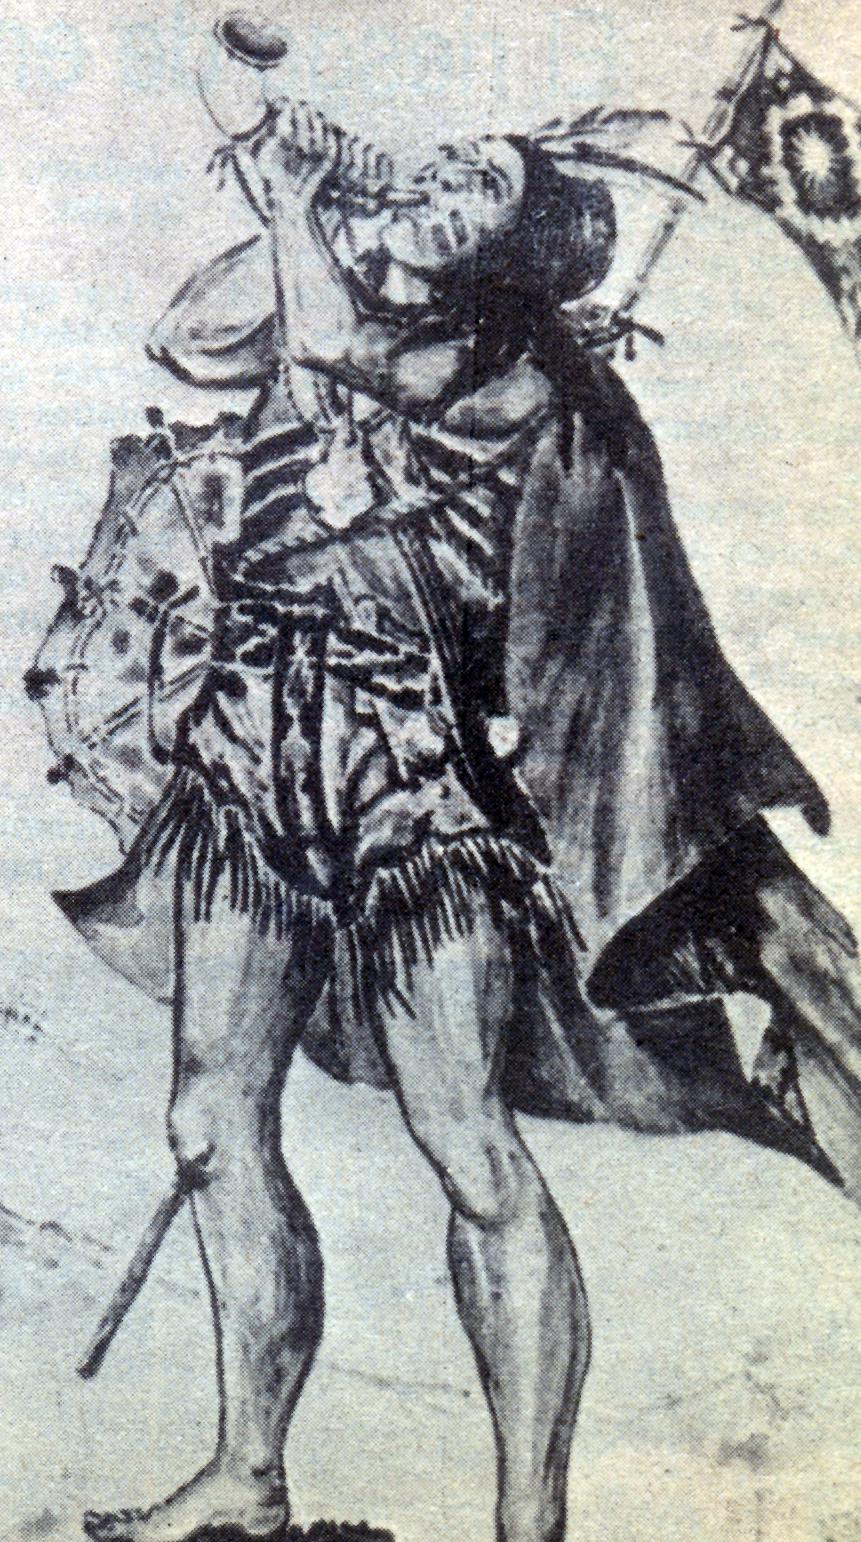 El toqui Pelantaru. Guerrero de la conquista. Ilustración del libro del mismo nombre editado por el Ejército de Chile